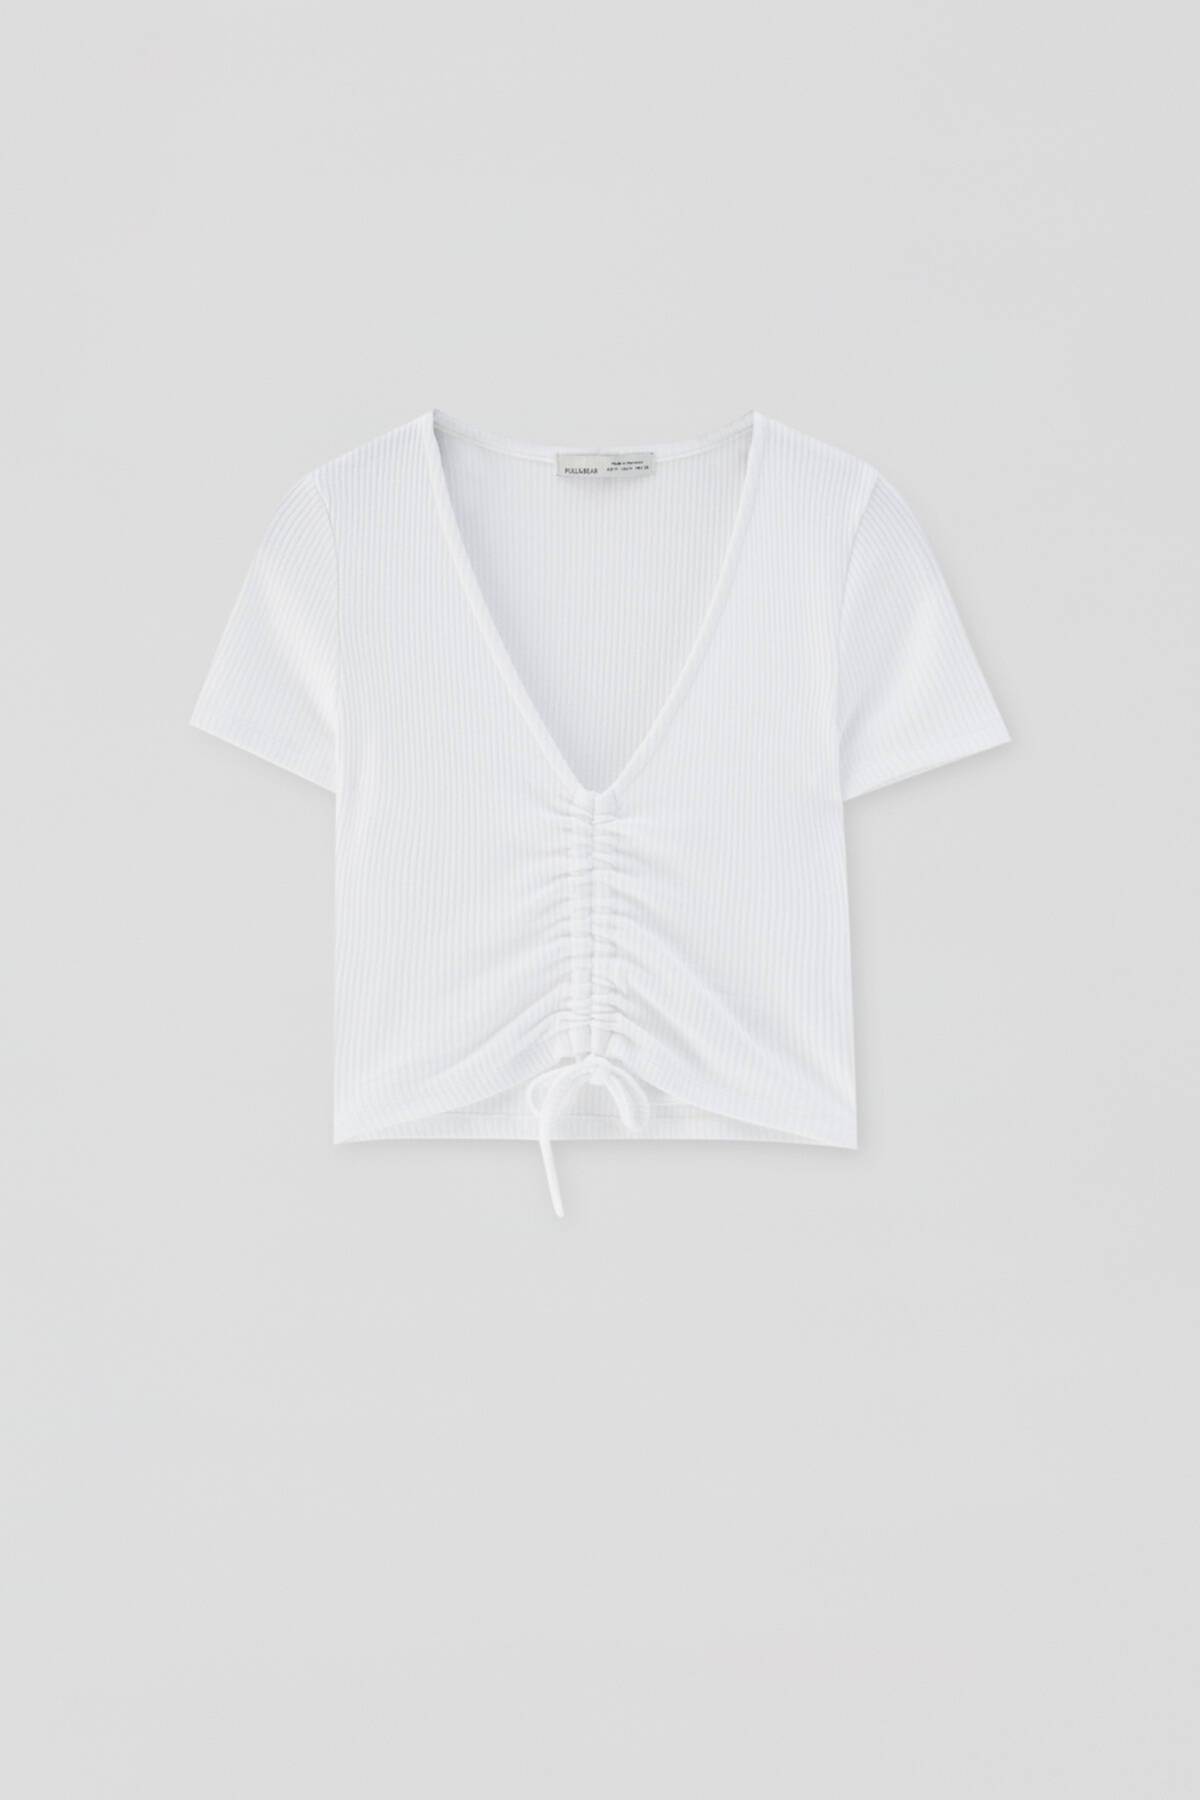 Pull & Bear Kadın Beyaz Önü Büzgülü Fitilli Top 04241303 3